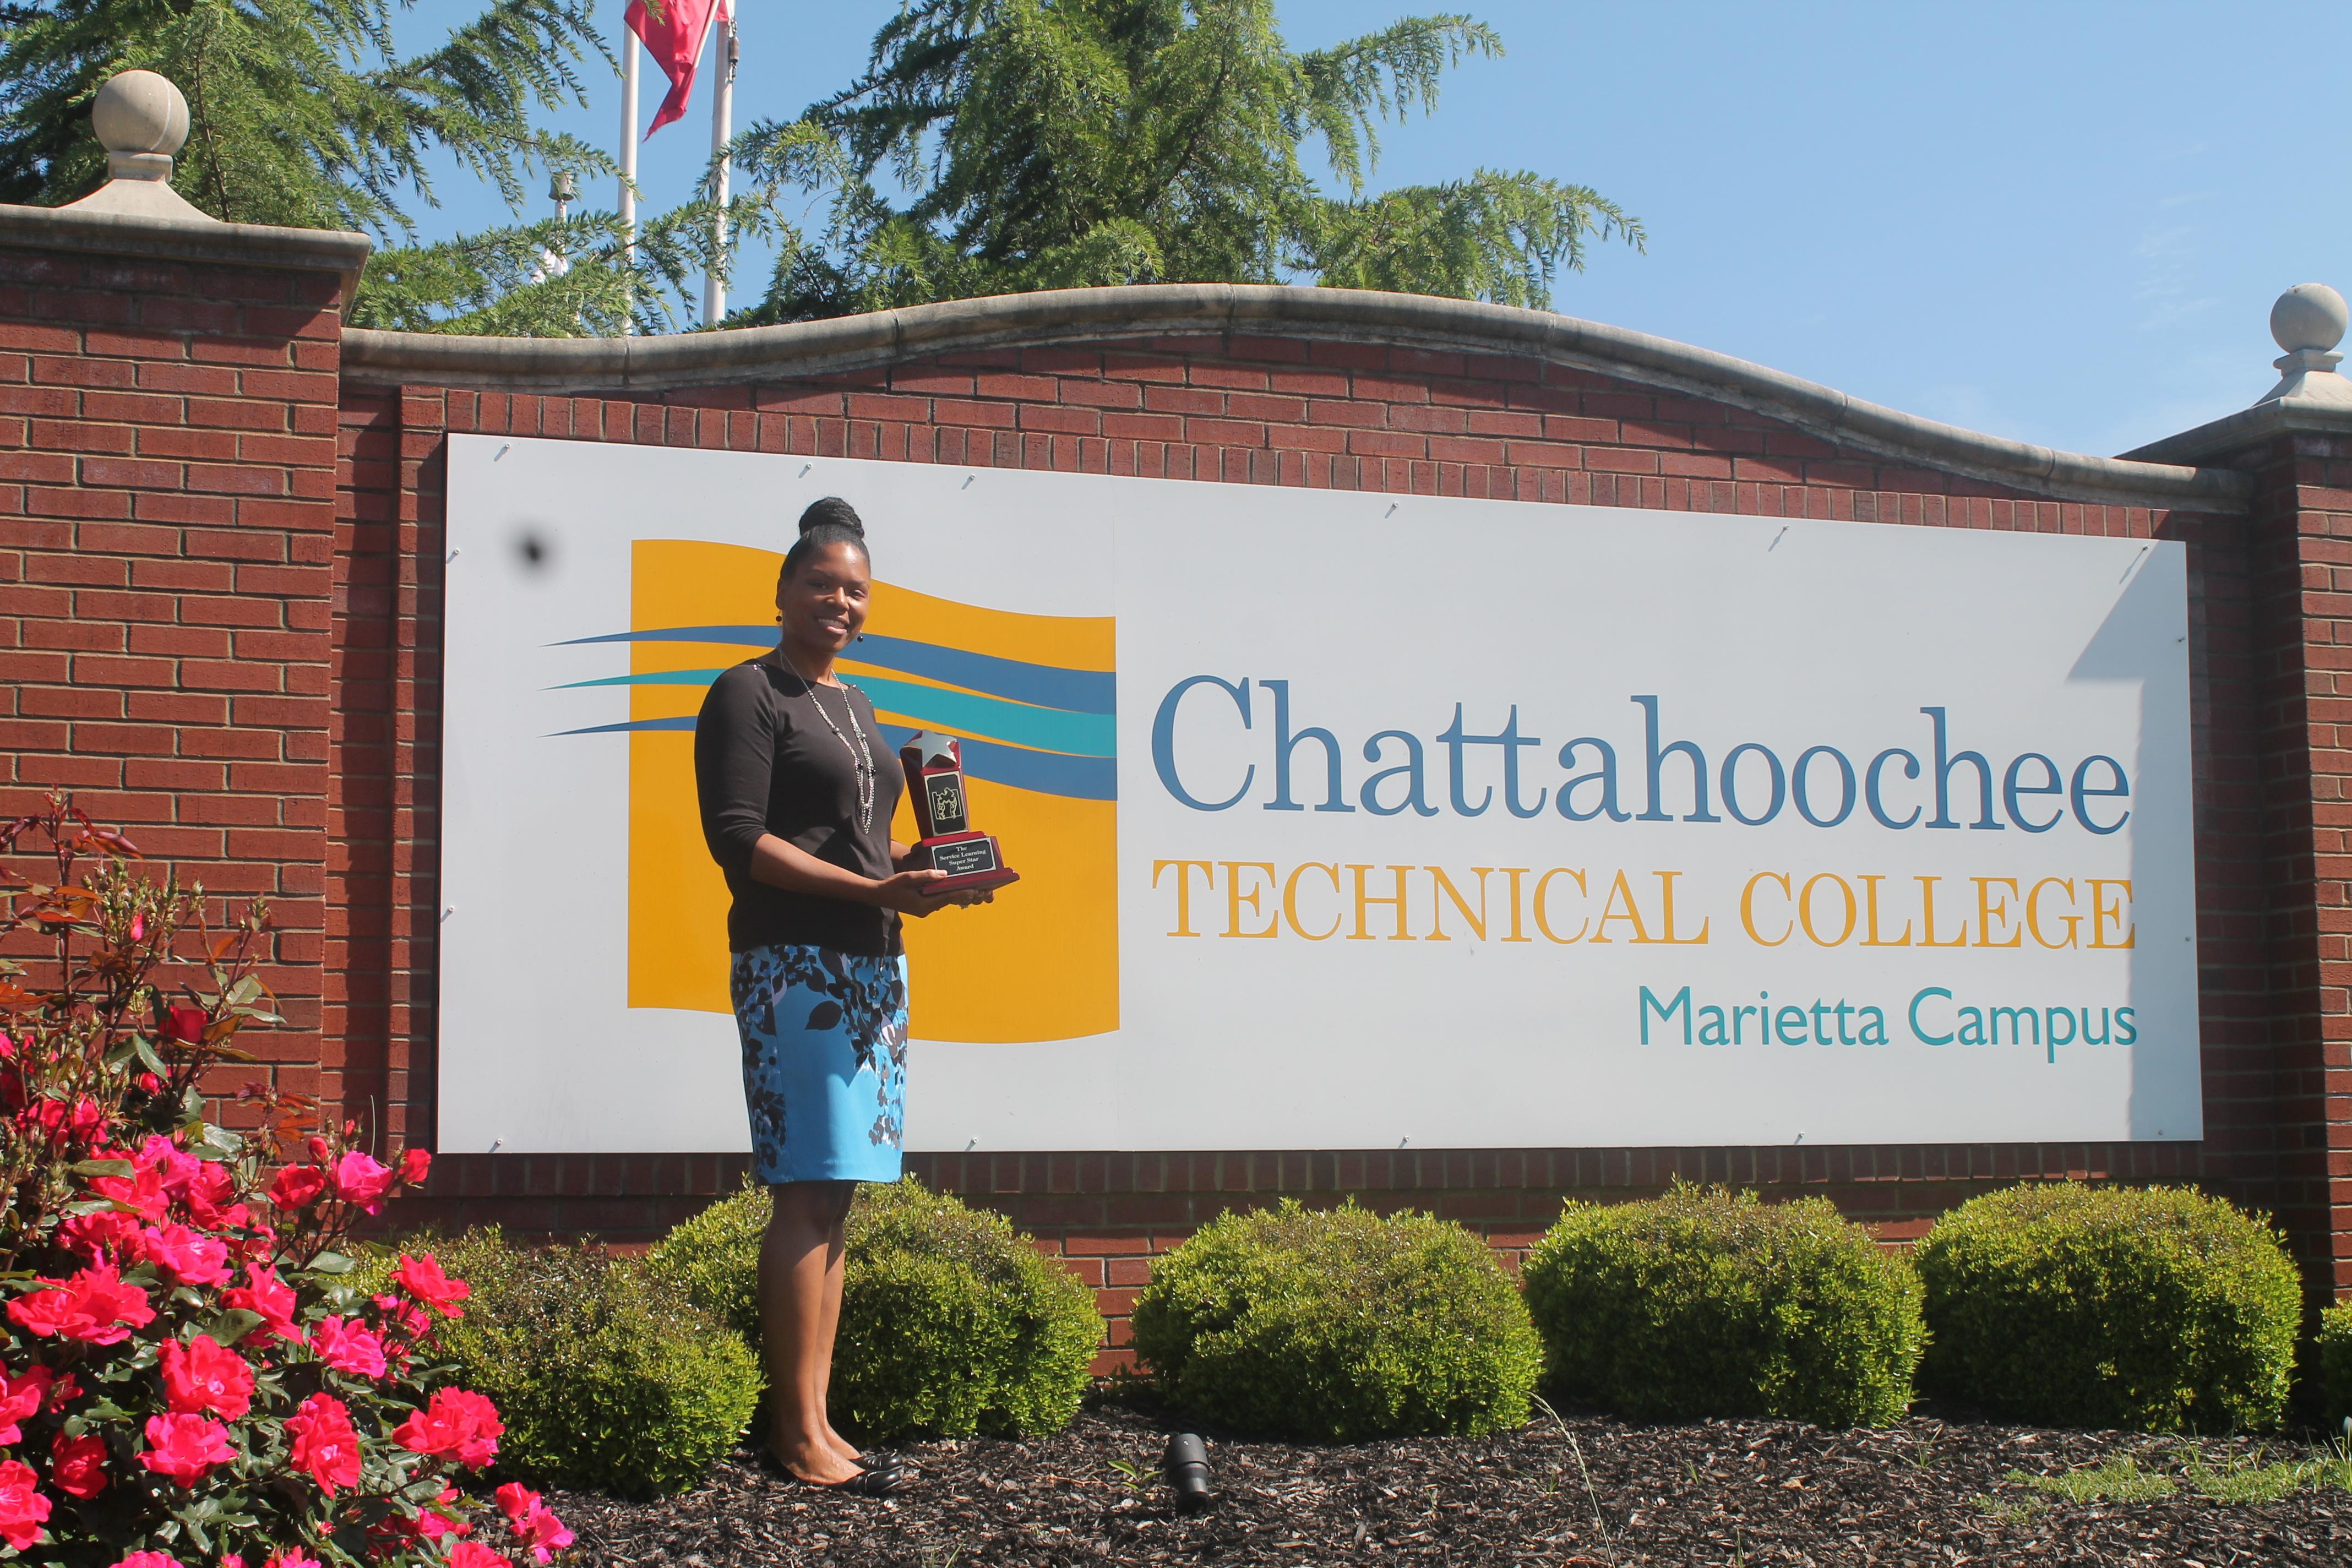 Student at CTC Marietta